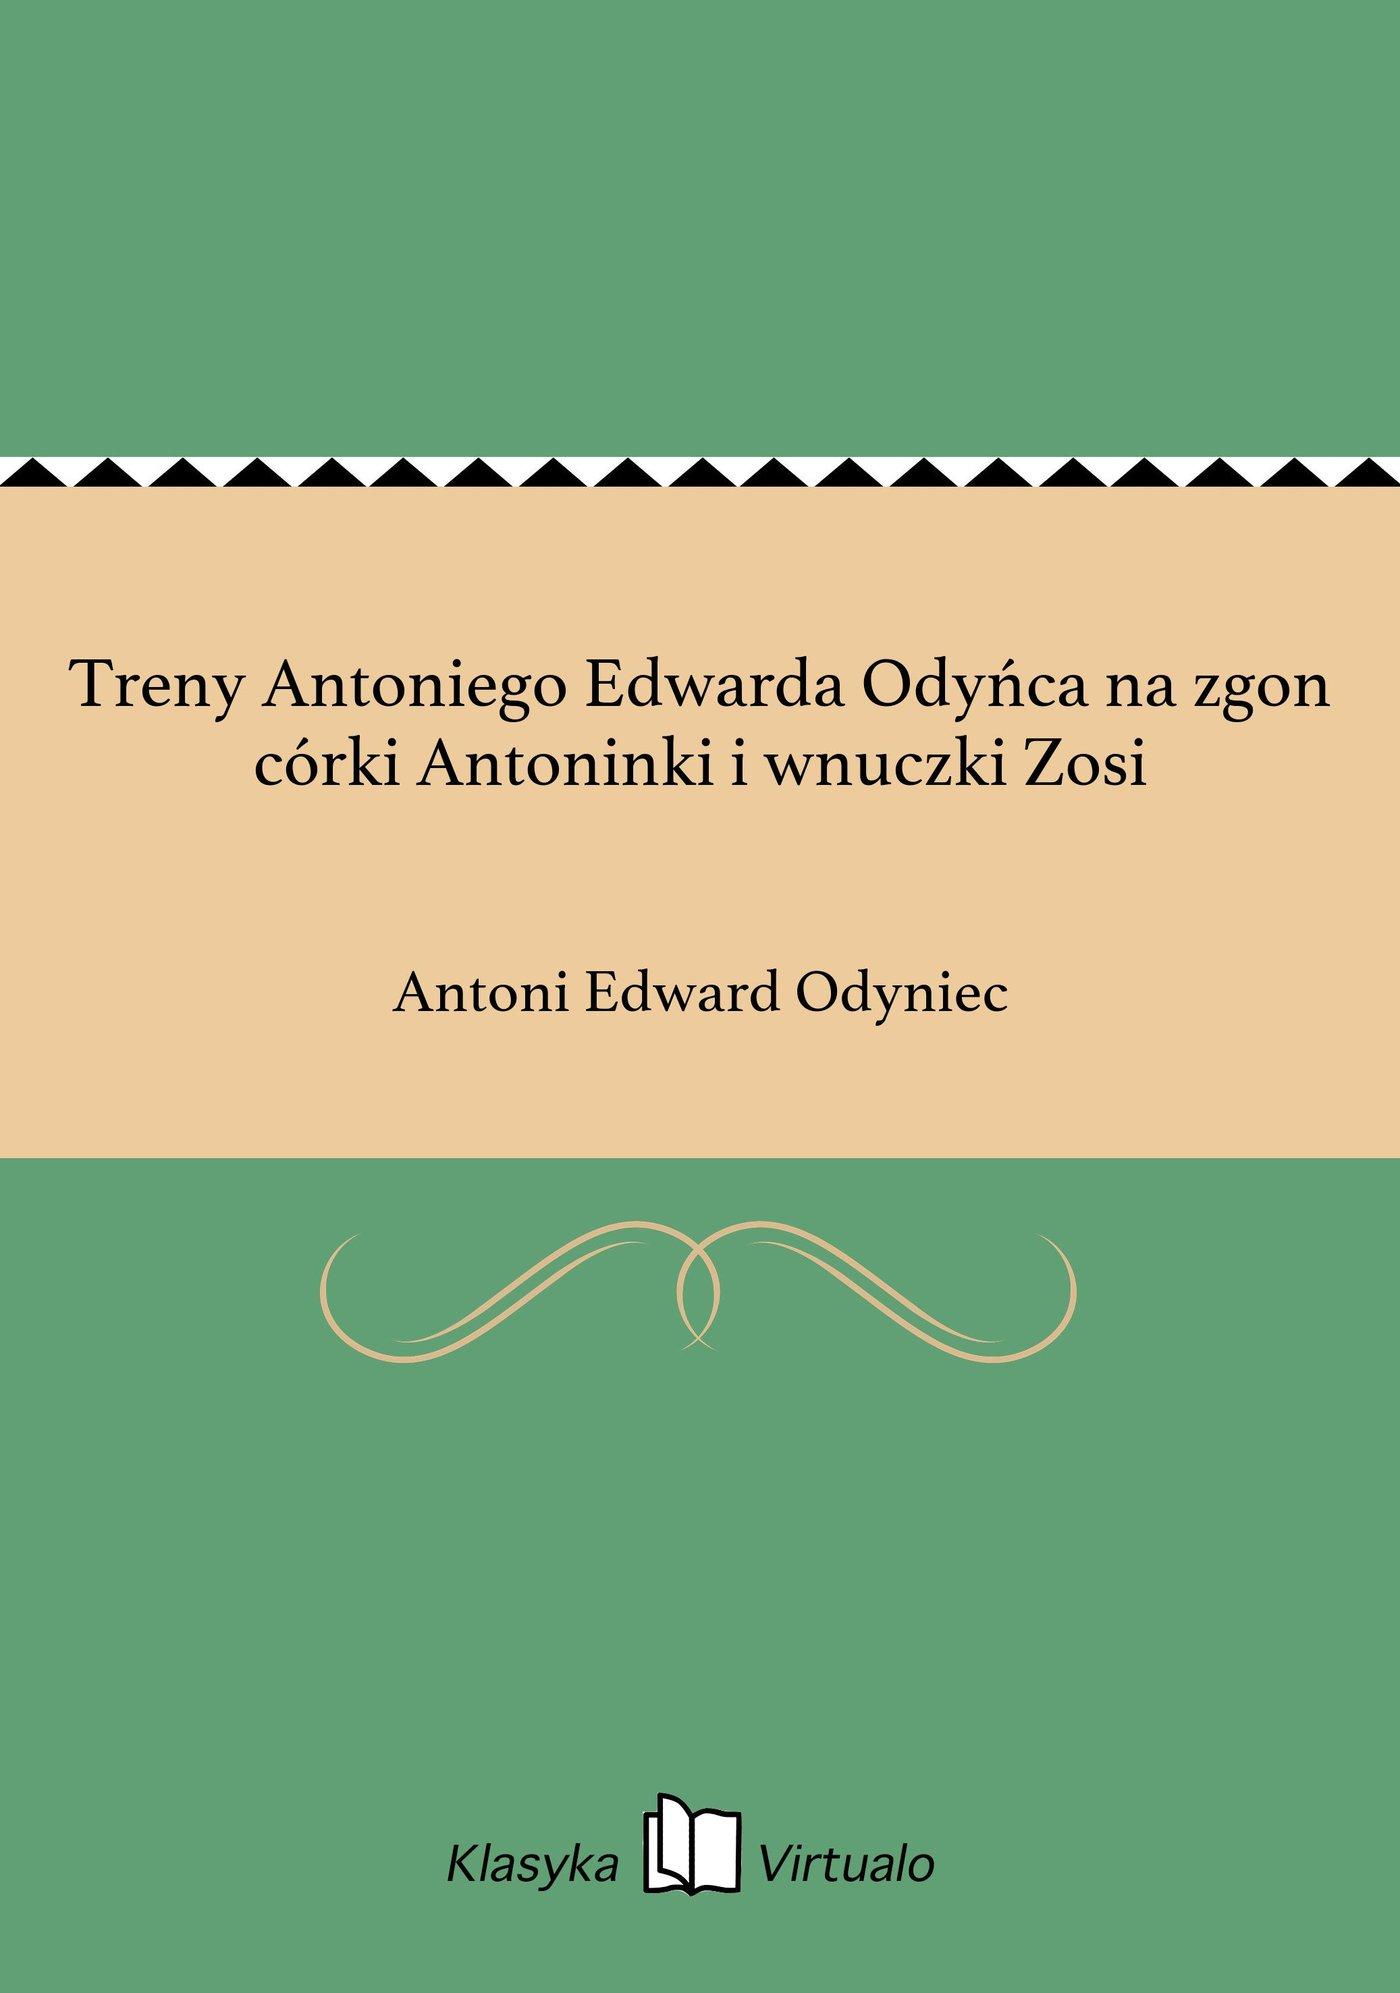 Treny Antoniego Edwarda Odyńca na zgon córki Antoninki i wnuczki Zosi - Ebook (Książka EPUB) do pobrania w formacie EPUB